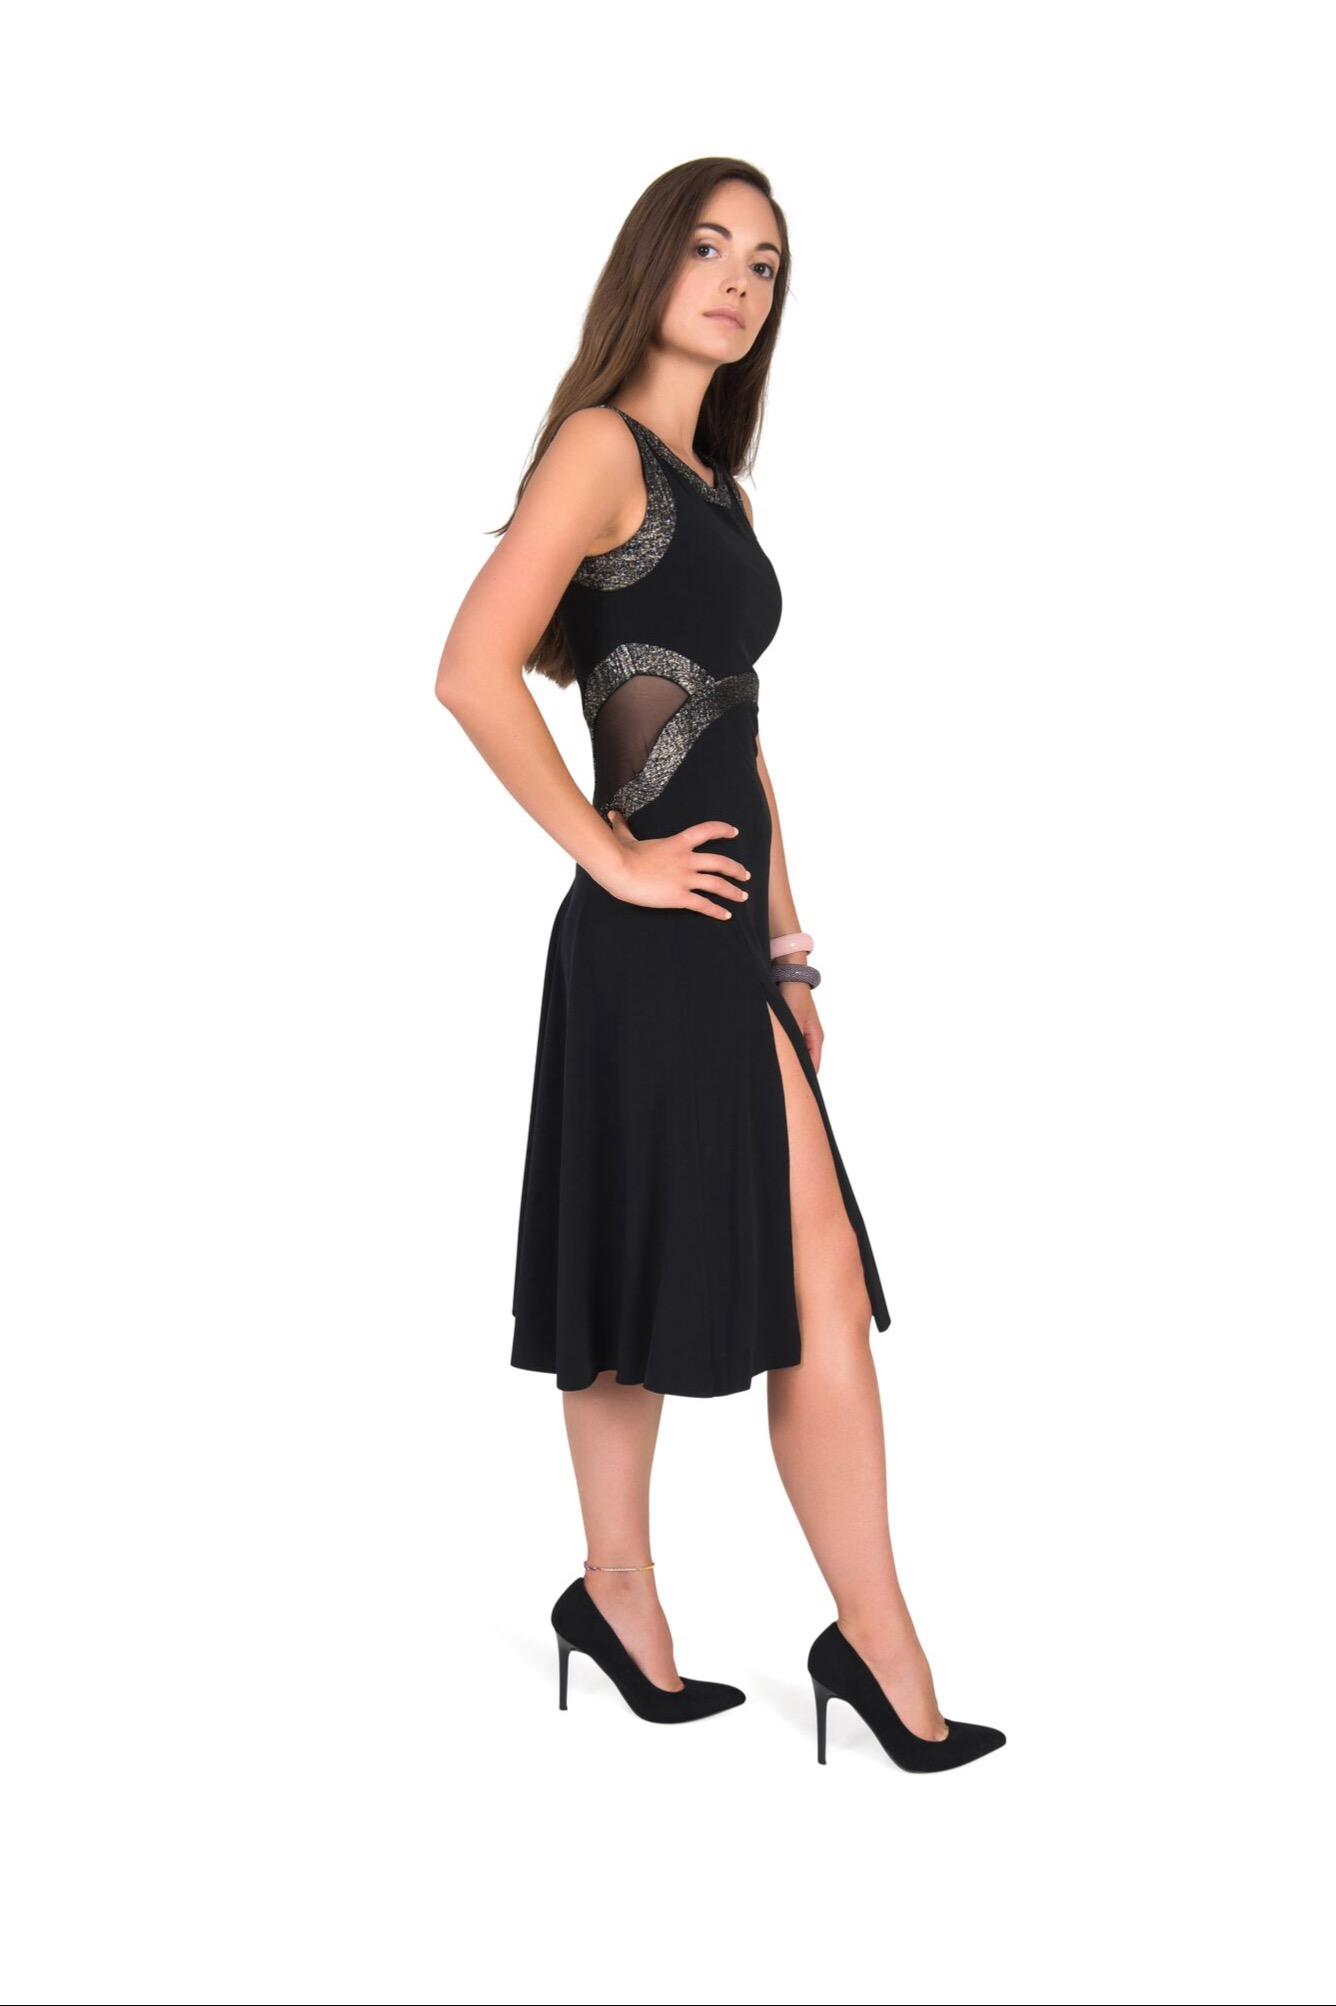 A side view of an elegant black Tango dress